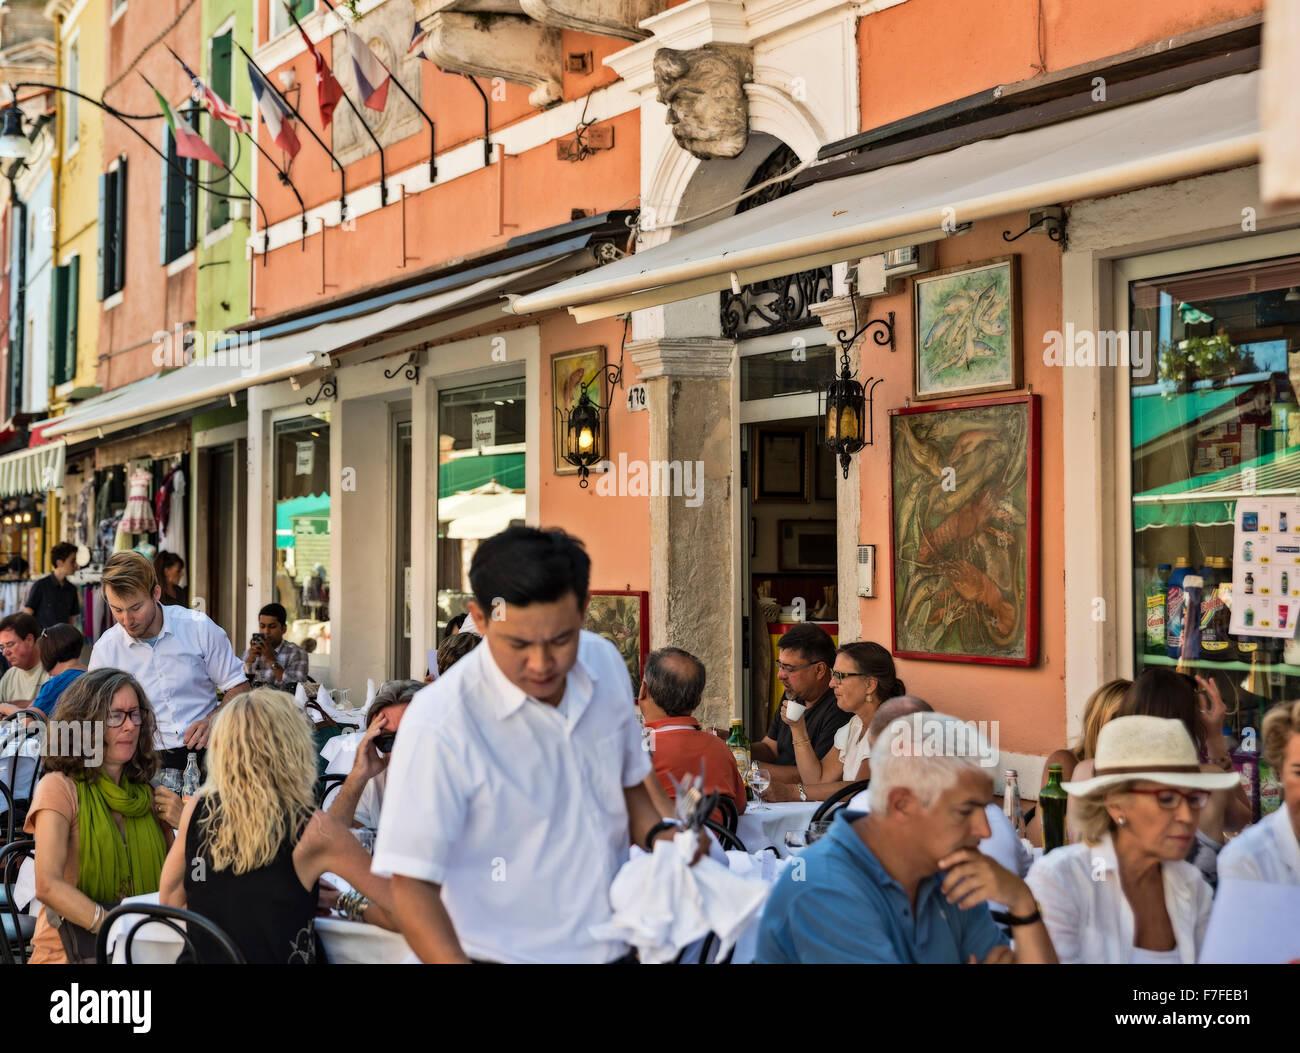 Patronos en un café al aire libre restaurante, Burano, Venecia, Italia Imagen De Stock